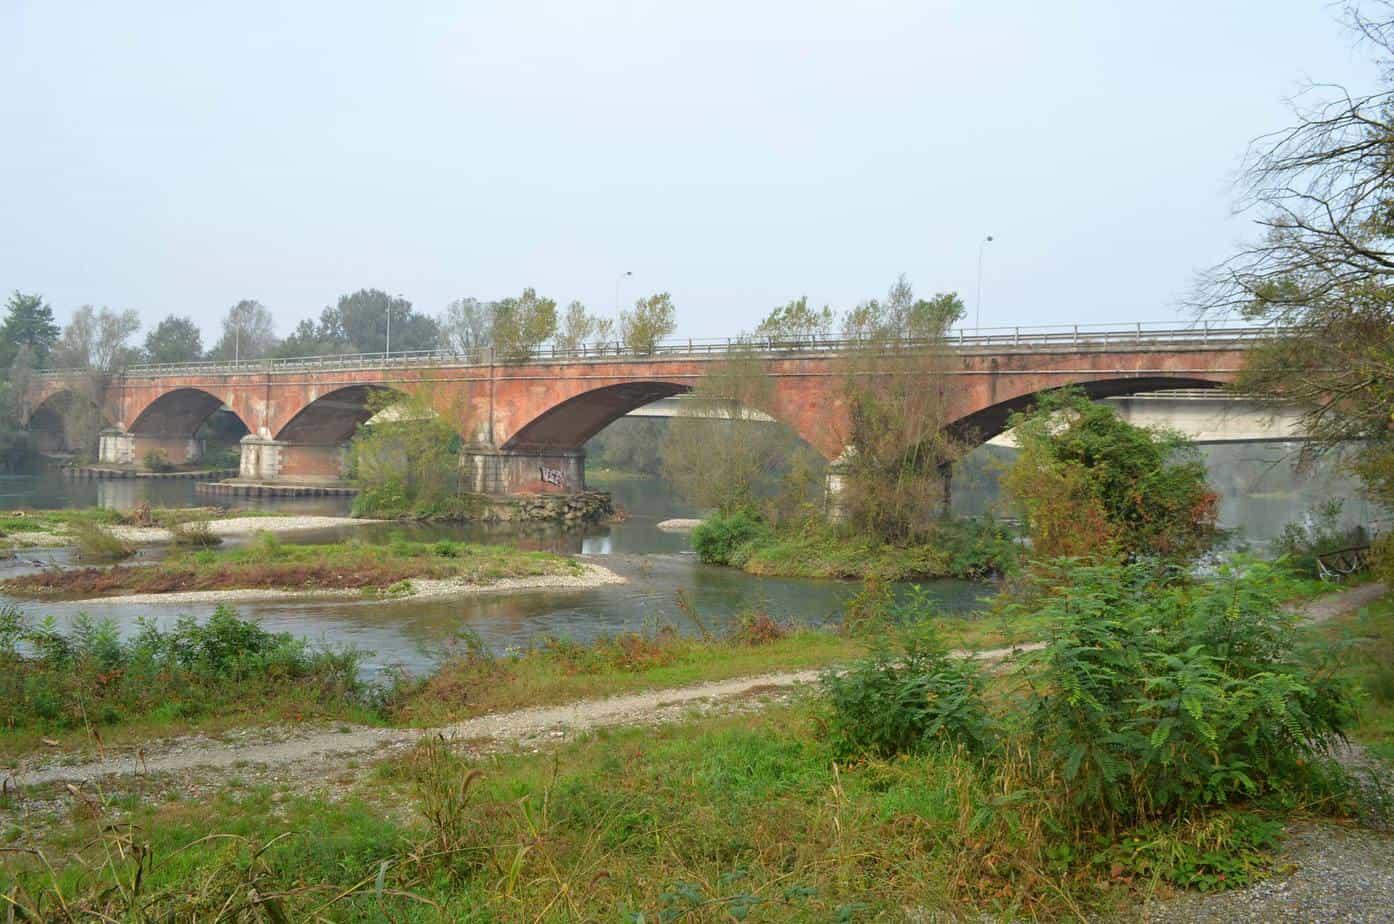 In primo piano, il ponte ottocentesco di Spino d'Adda, oggi inagibile, che diventerà attraversamento ciclopedonale. Dietro si intravede il ponte dell'attuale Statale, che sarà raddoppiato